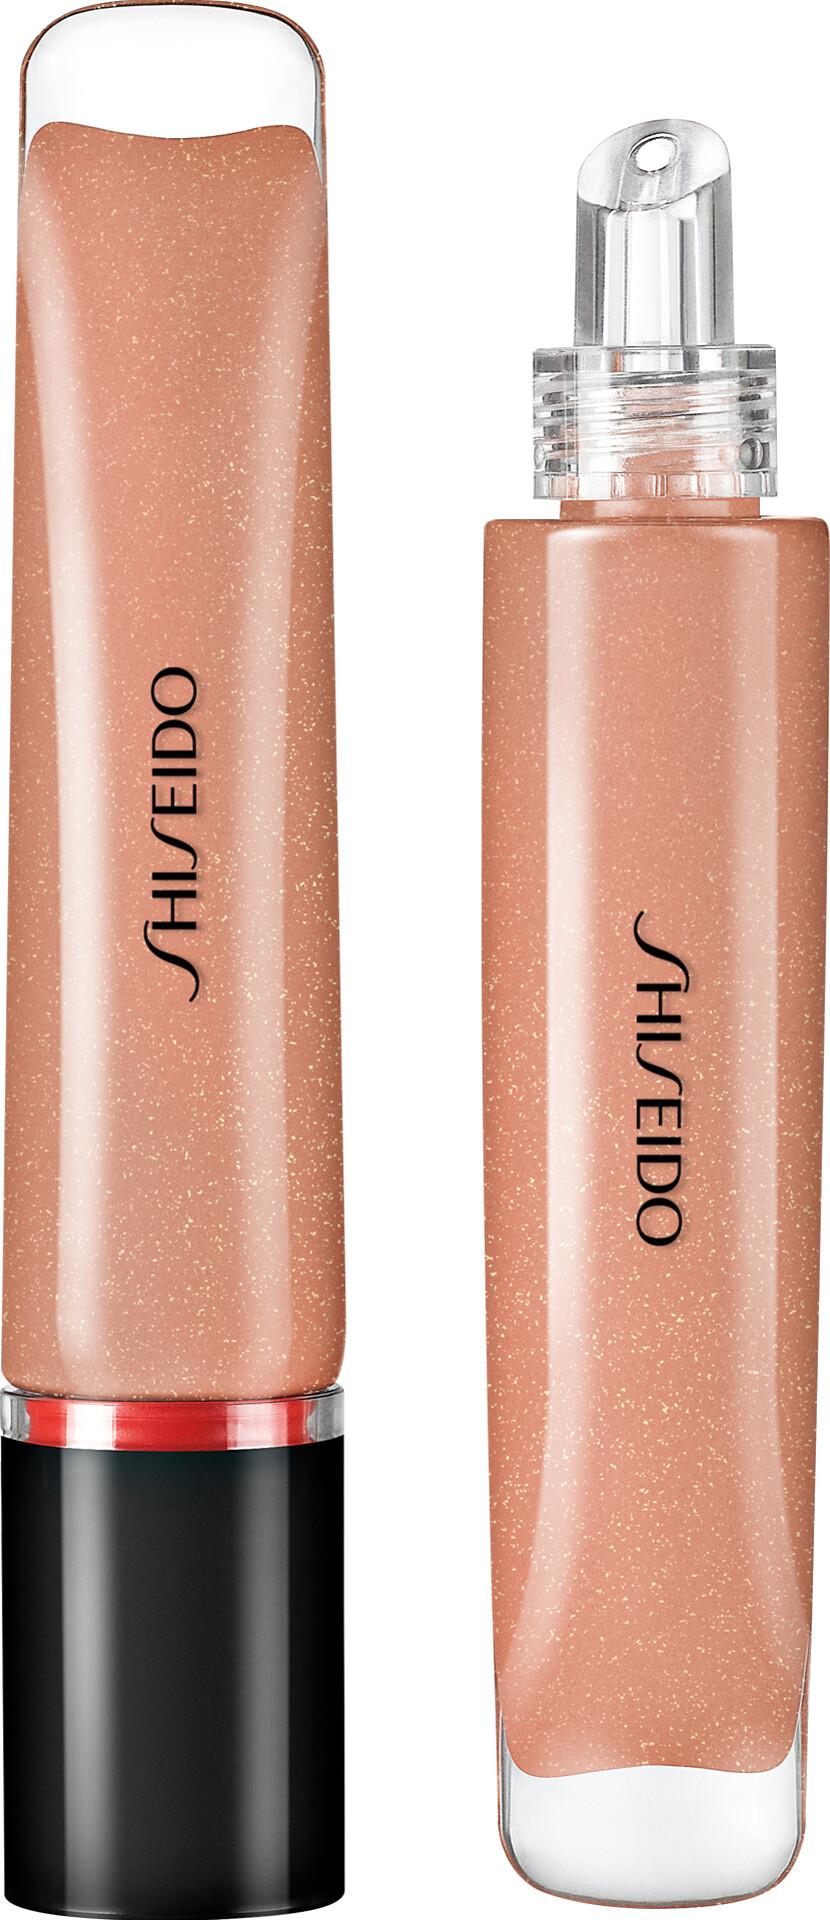 Shiseido Shimmer GelGloss 9ml 03 - Kurumi Beige